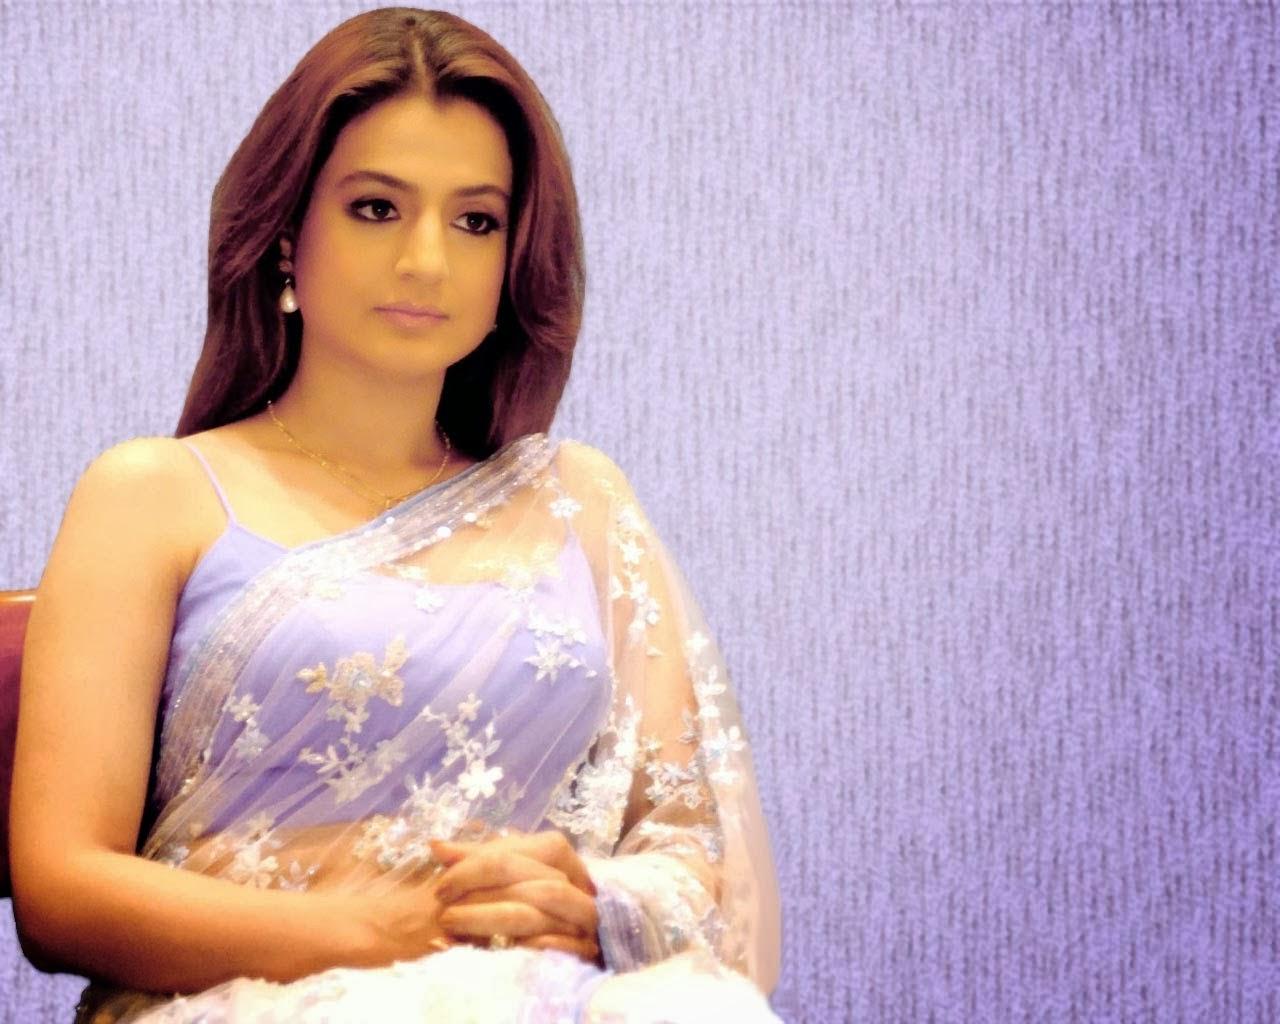 Amisha Patel Hot HD Wallpapers Download Unique Wallpapers 1280x1024